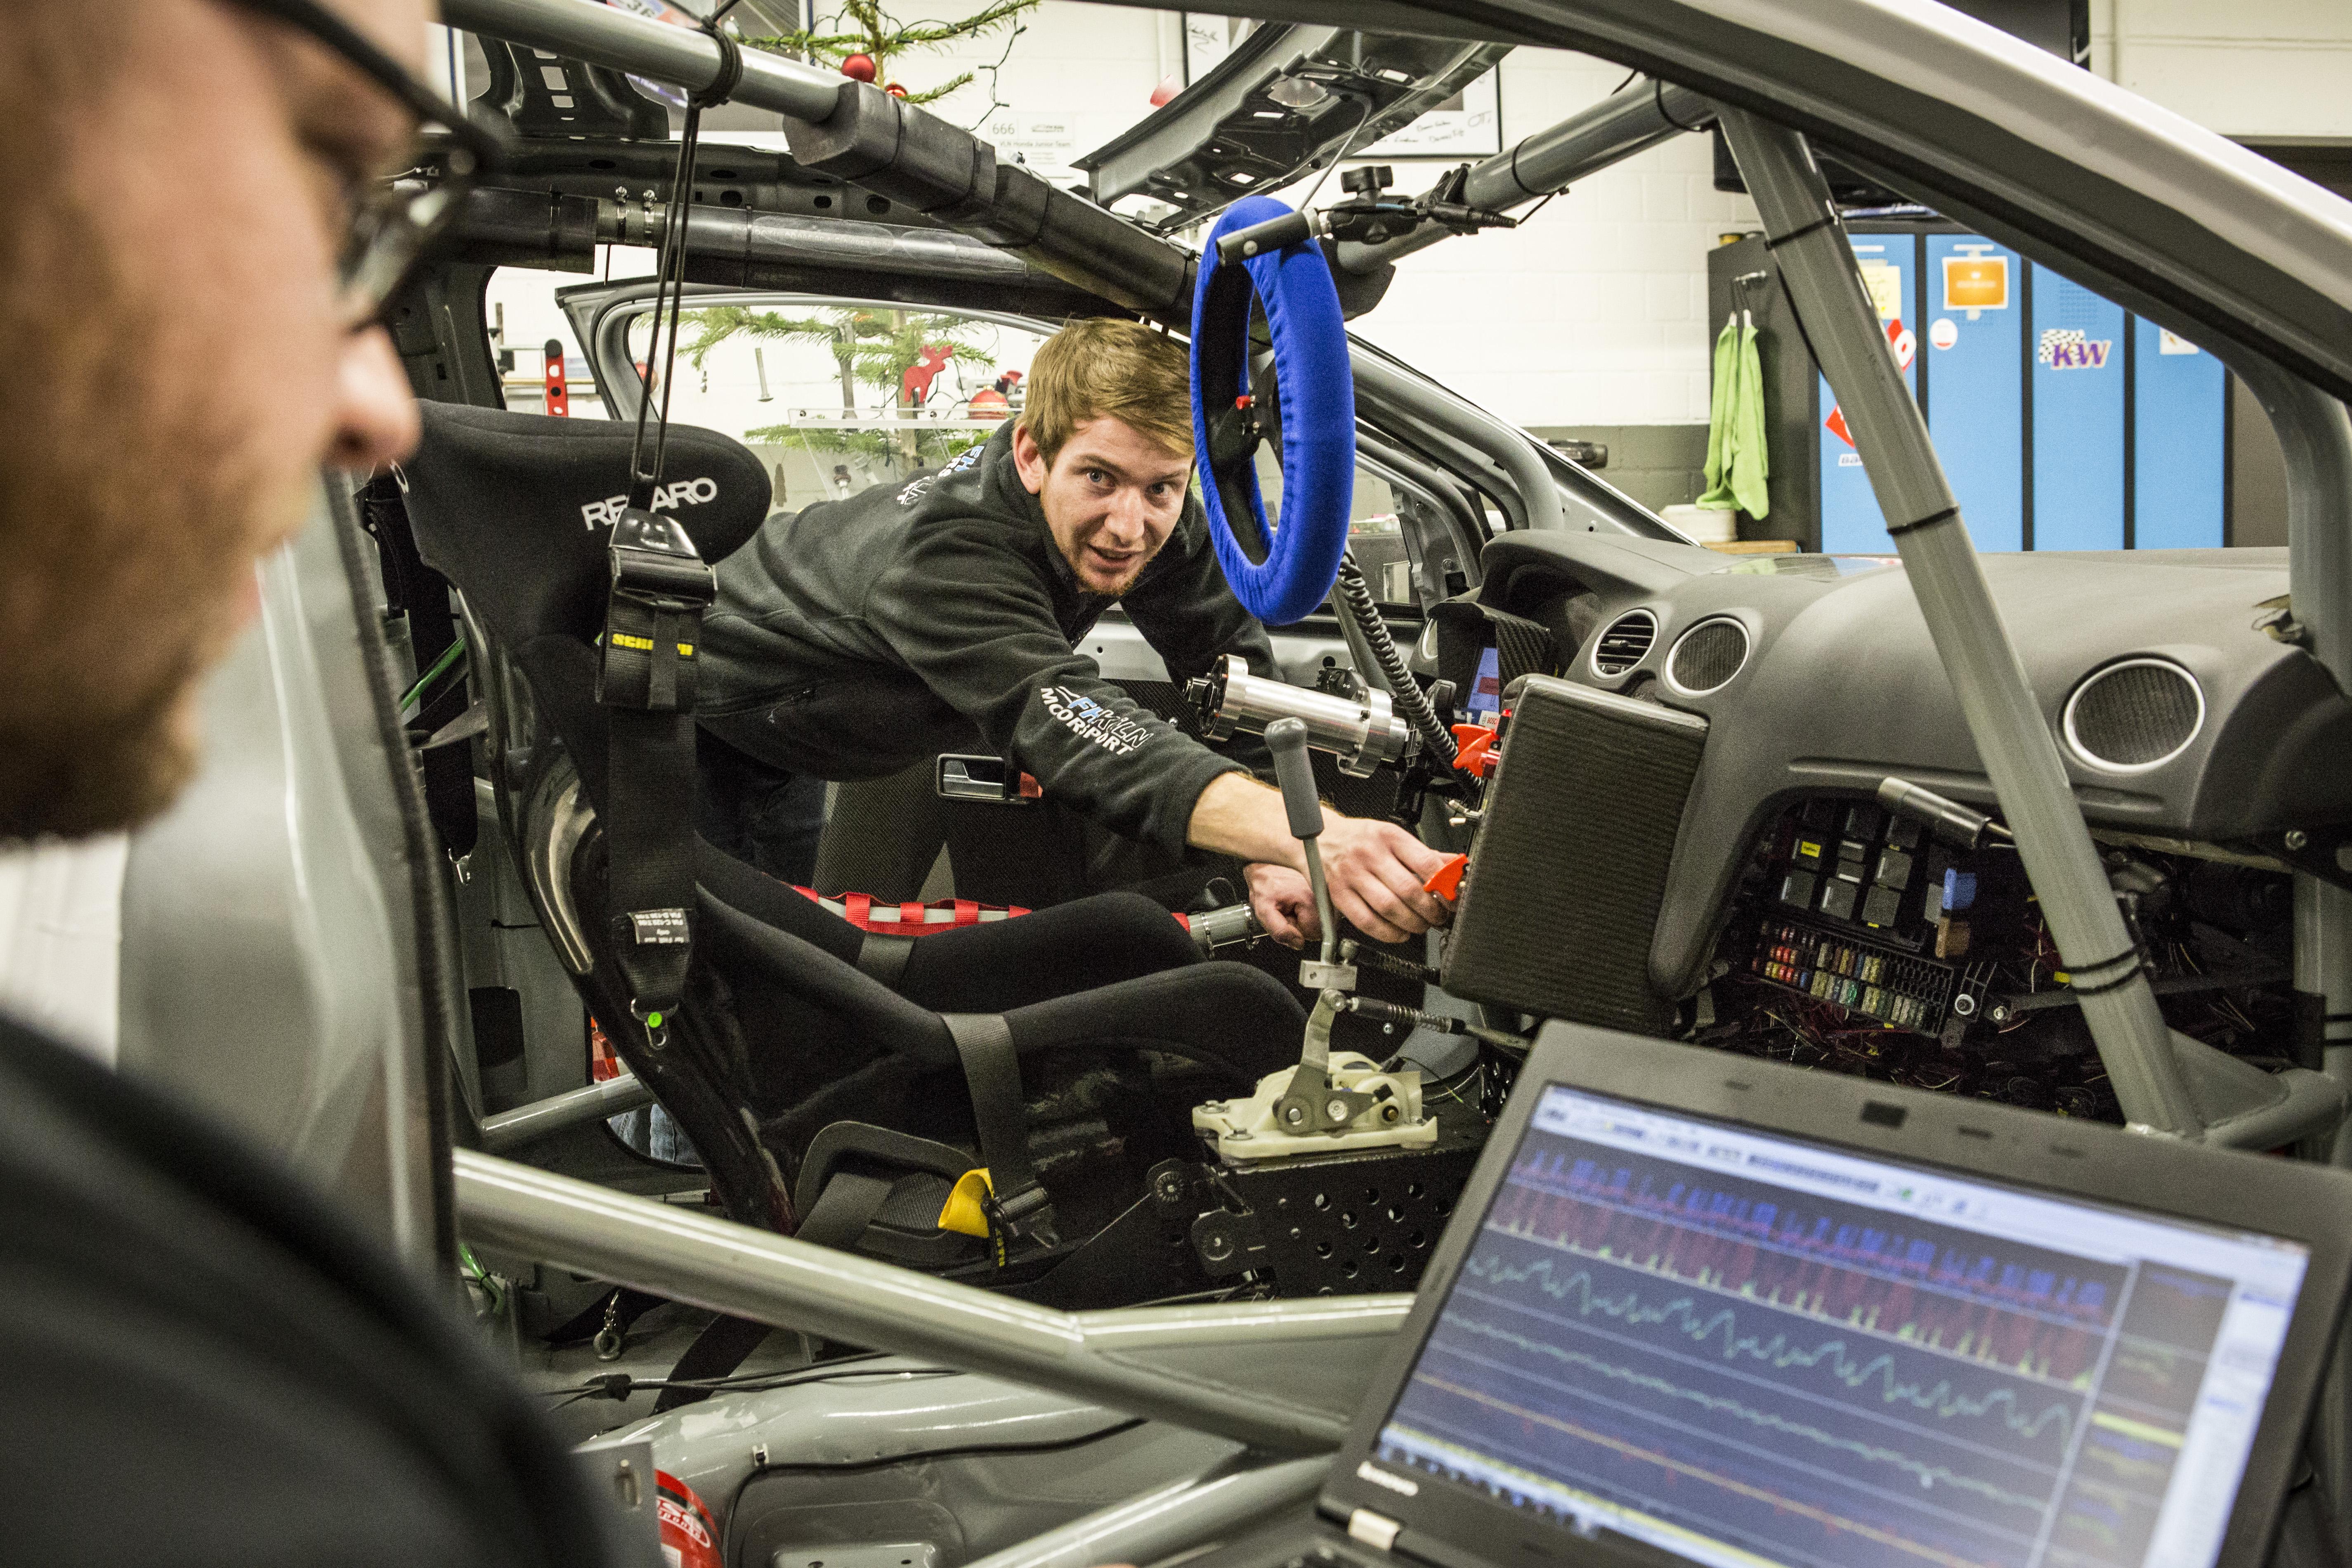 Fahrzeugtechnik bachelor th k ln for Fh studiengange